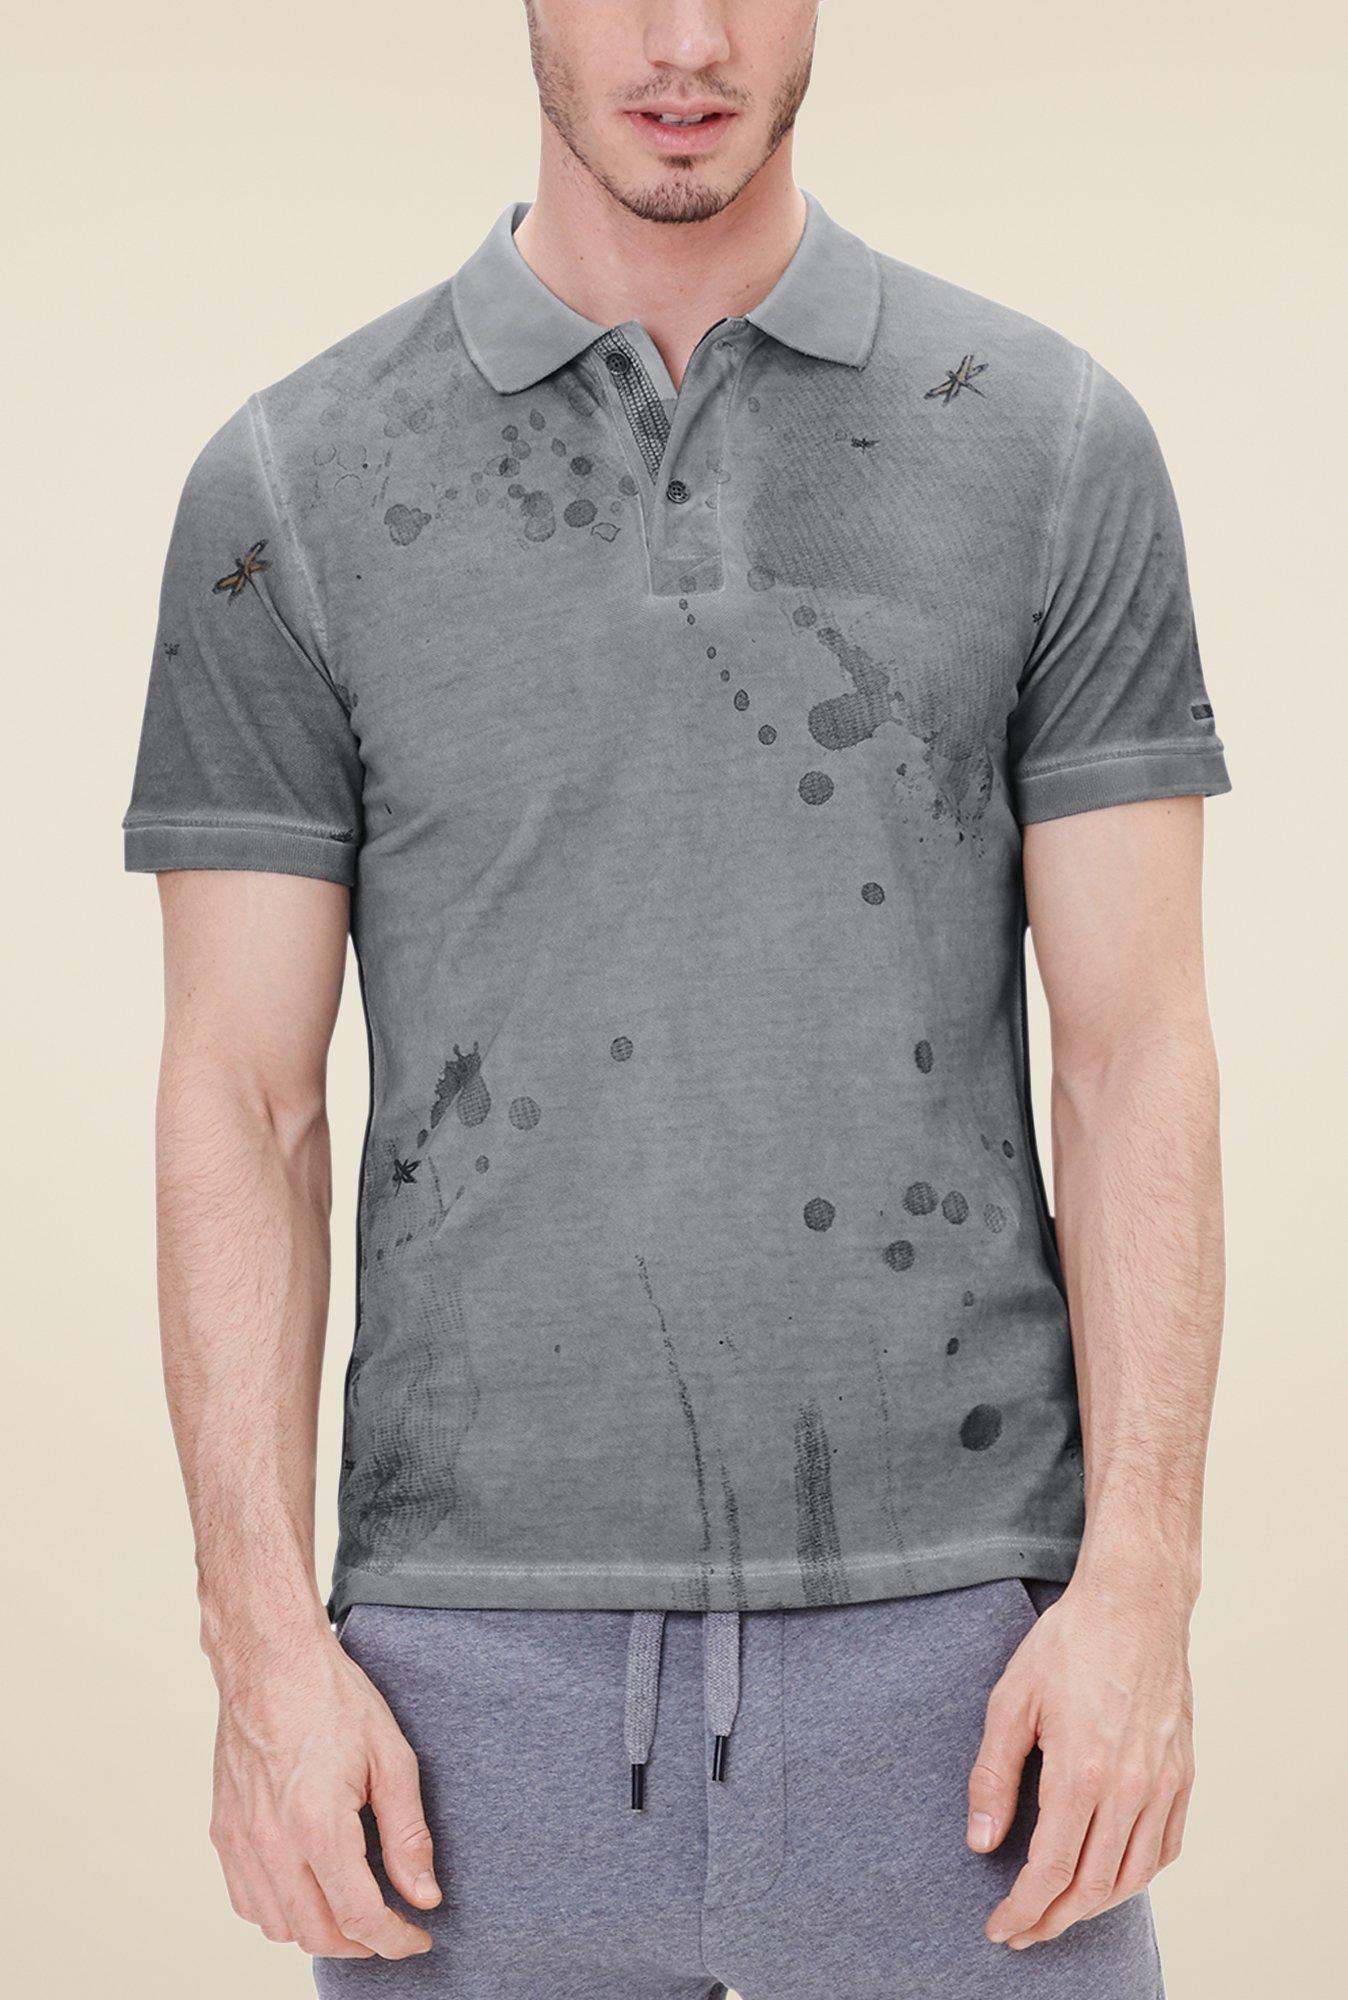 buy s oliver grey printed t shirt online at best price at. Black Bedroom Furniture Sets. Home Design Ideas